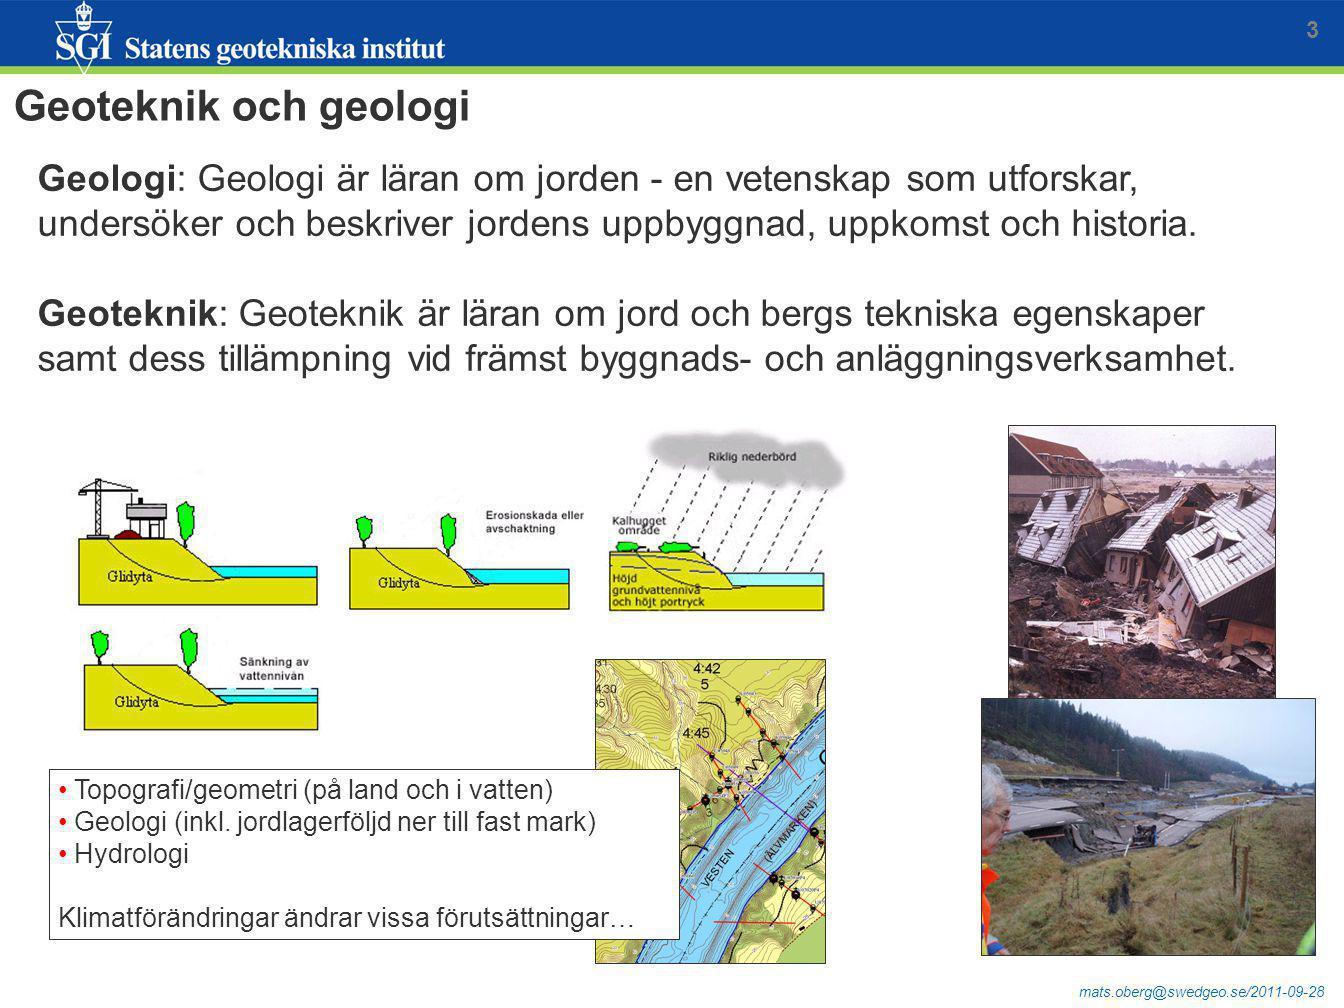 mats.oberg@swedgeo.se/2011-09-28 3 Geoteknik och geologi Geologi: Geologi är läran om jorden - en vetenskap som utforskar, undersöker och beskriver jo